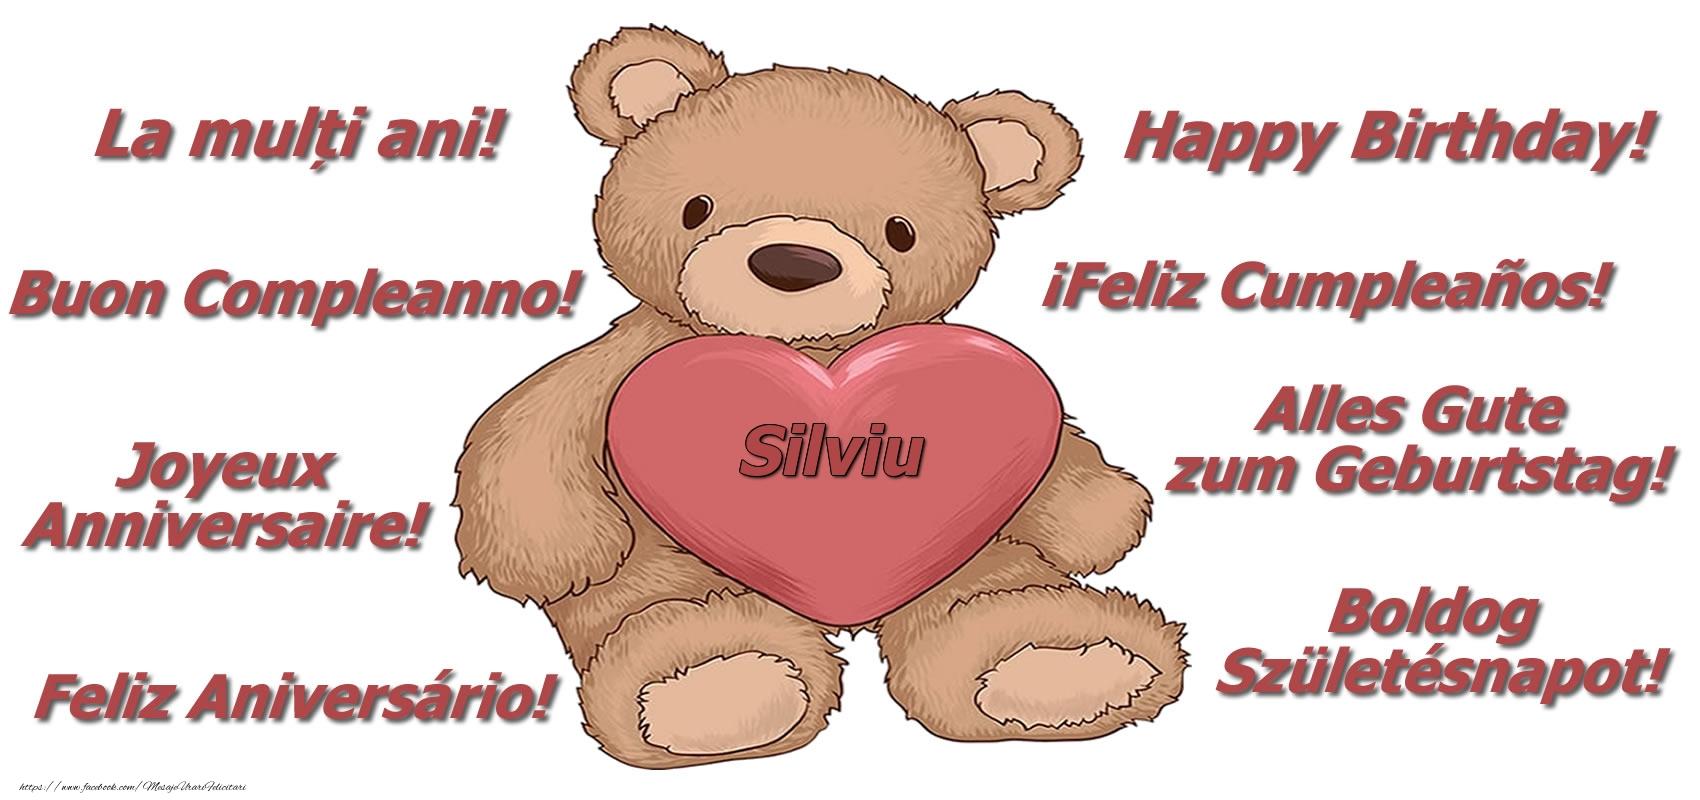 Felicitari de zi de nastere - La multi ani Silviu! - Ursulet